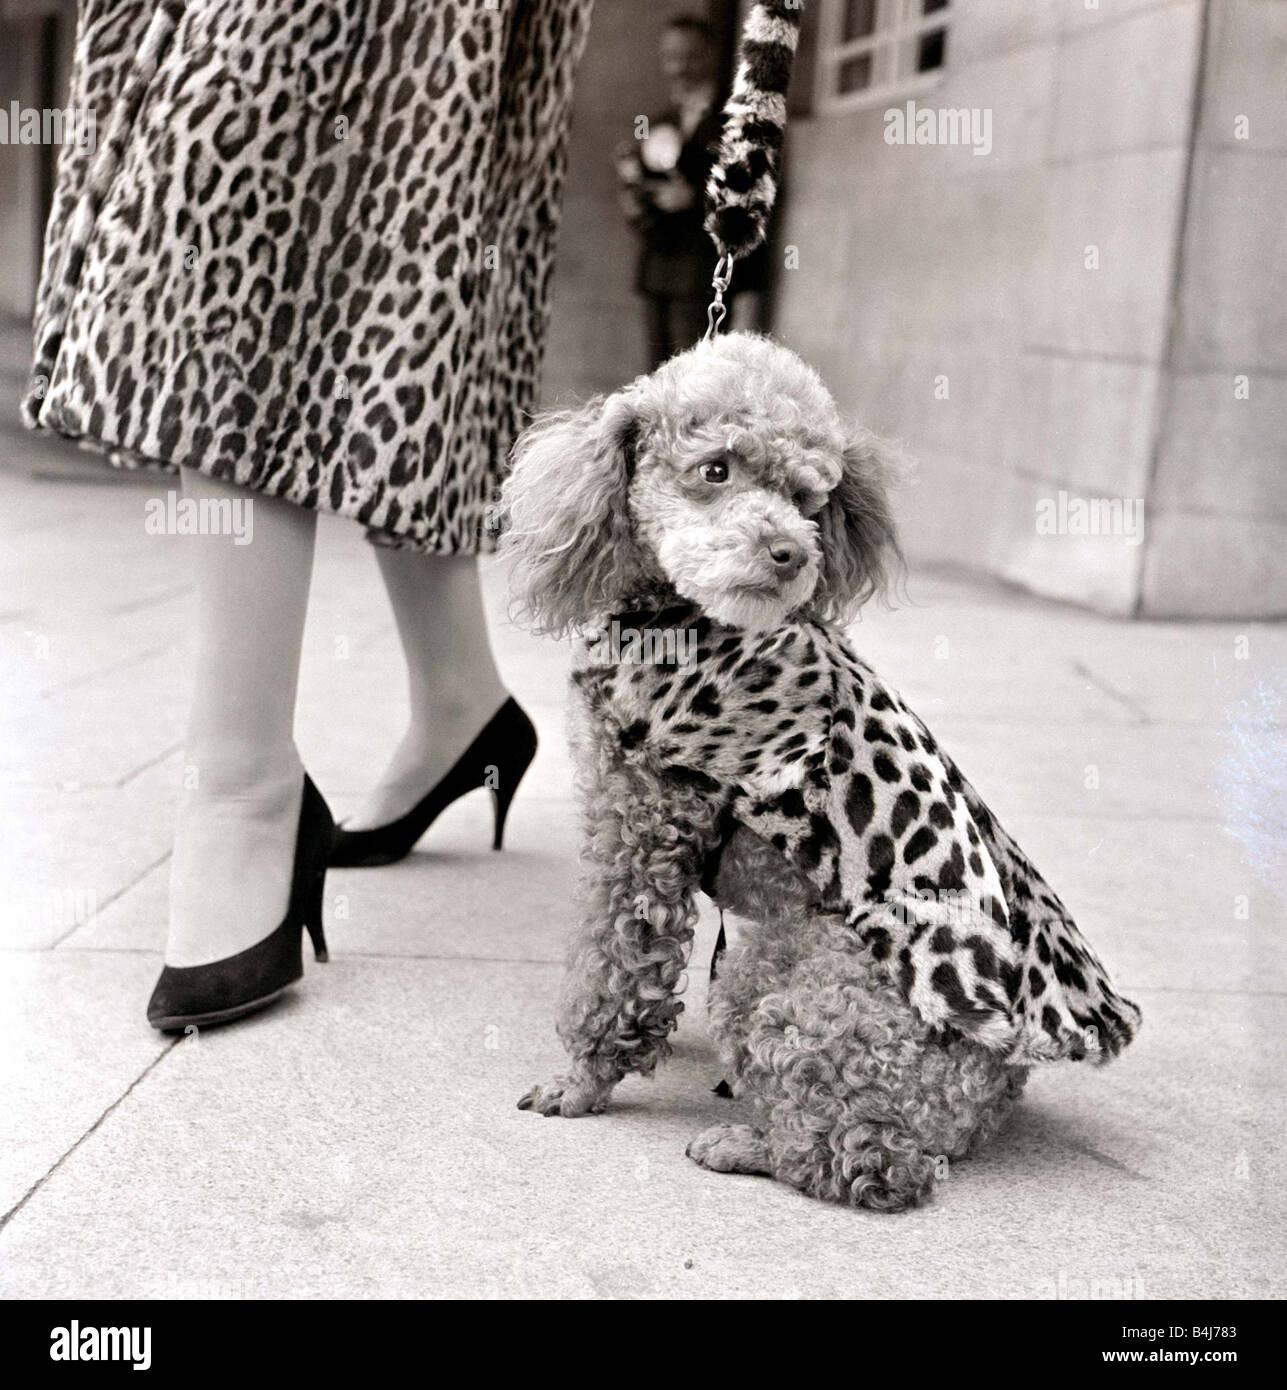 Les manteaux de fourrure pour les chiens poodle en manteau de fourrure léopard 1957 Septembre 1950 Photo Stock